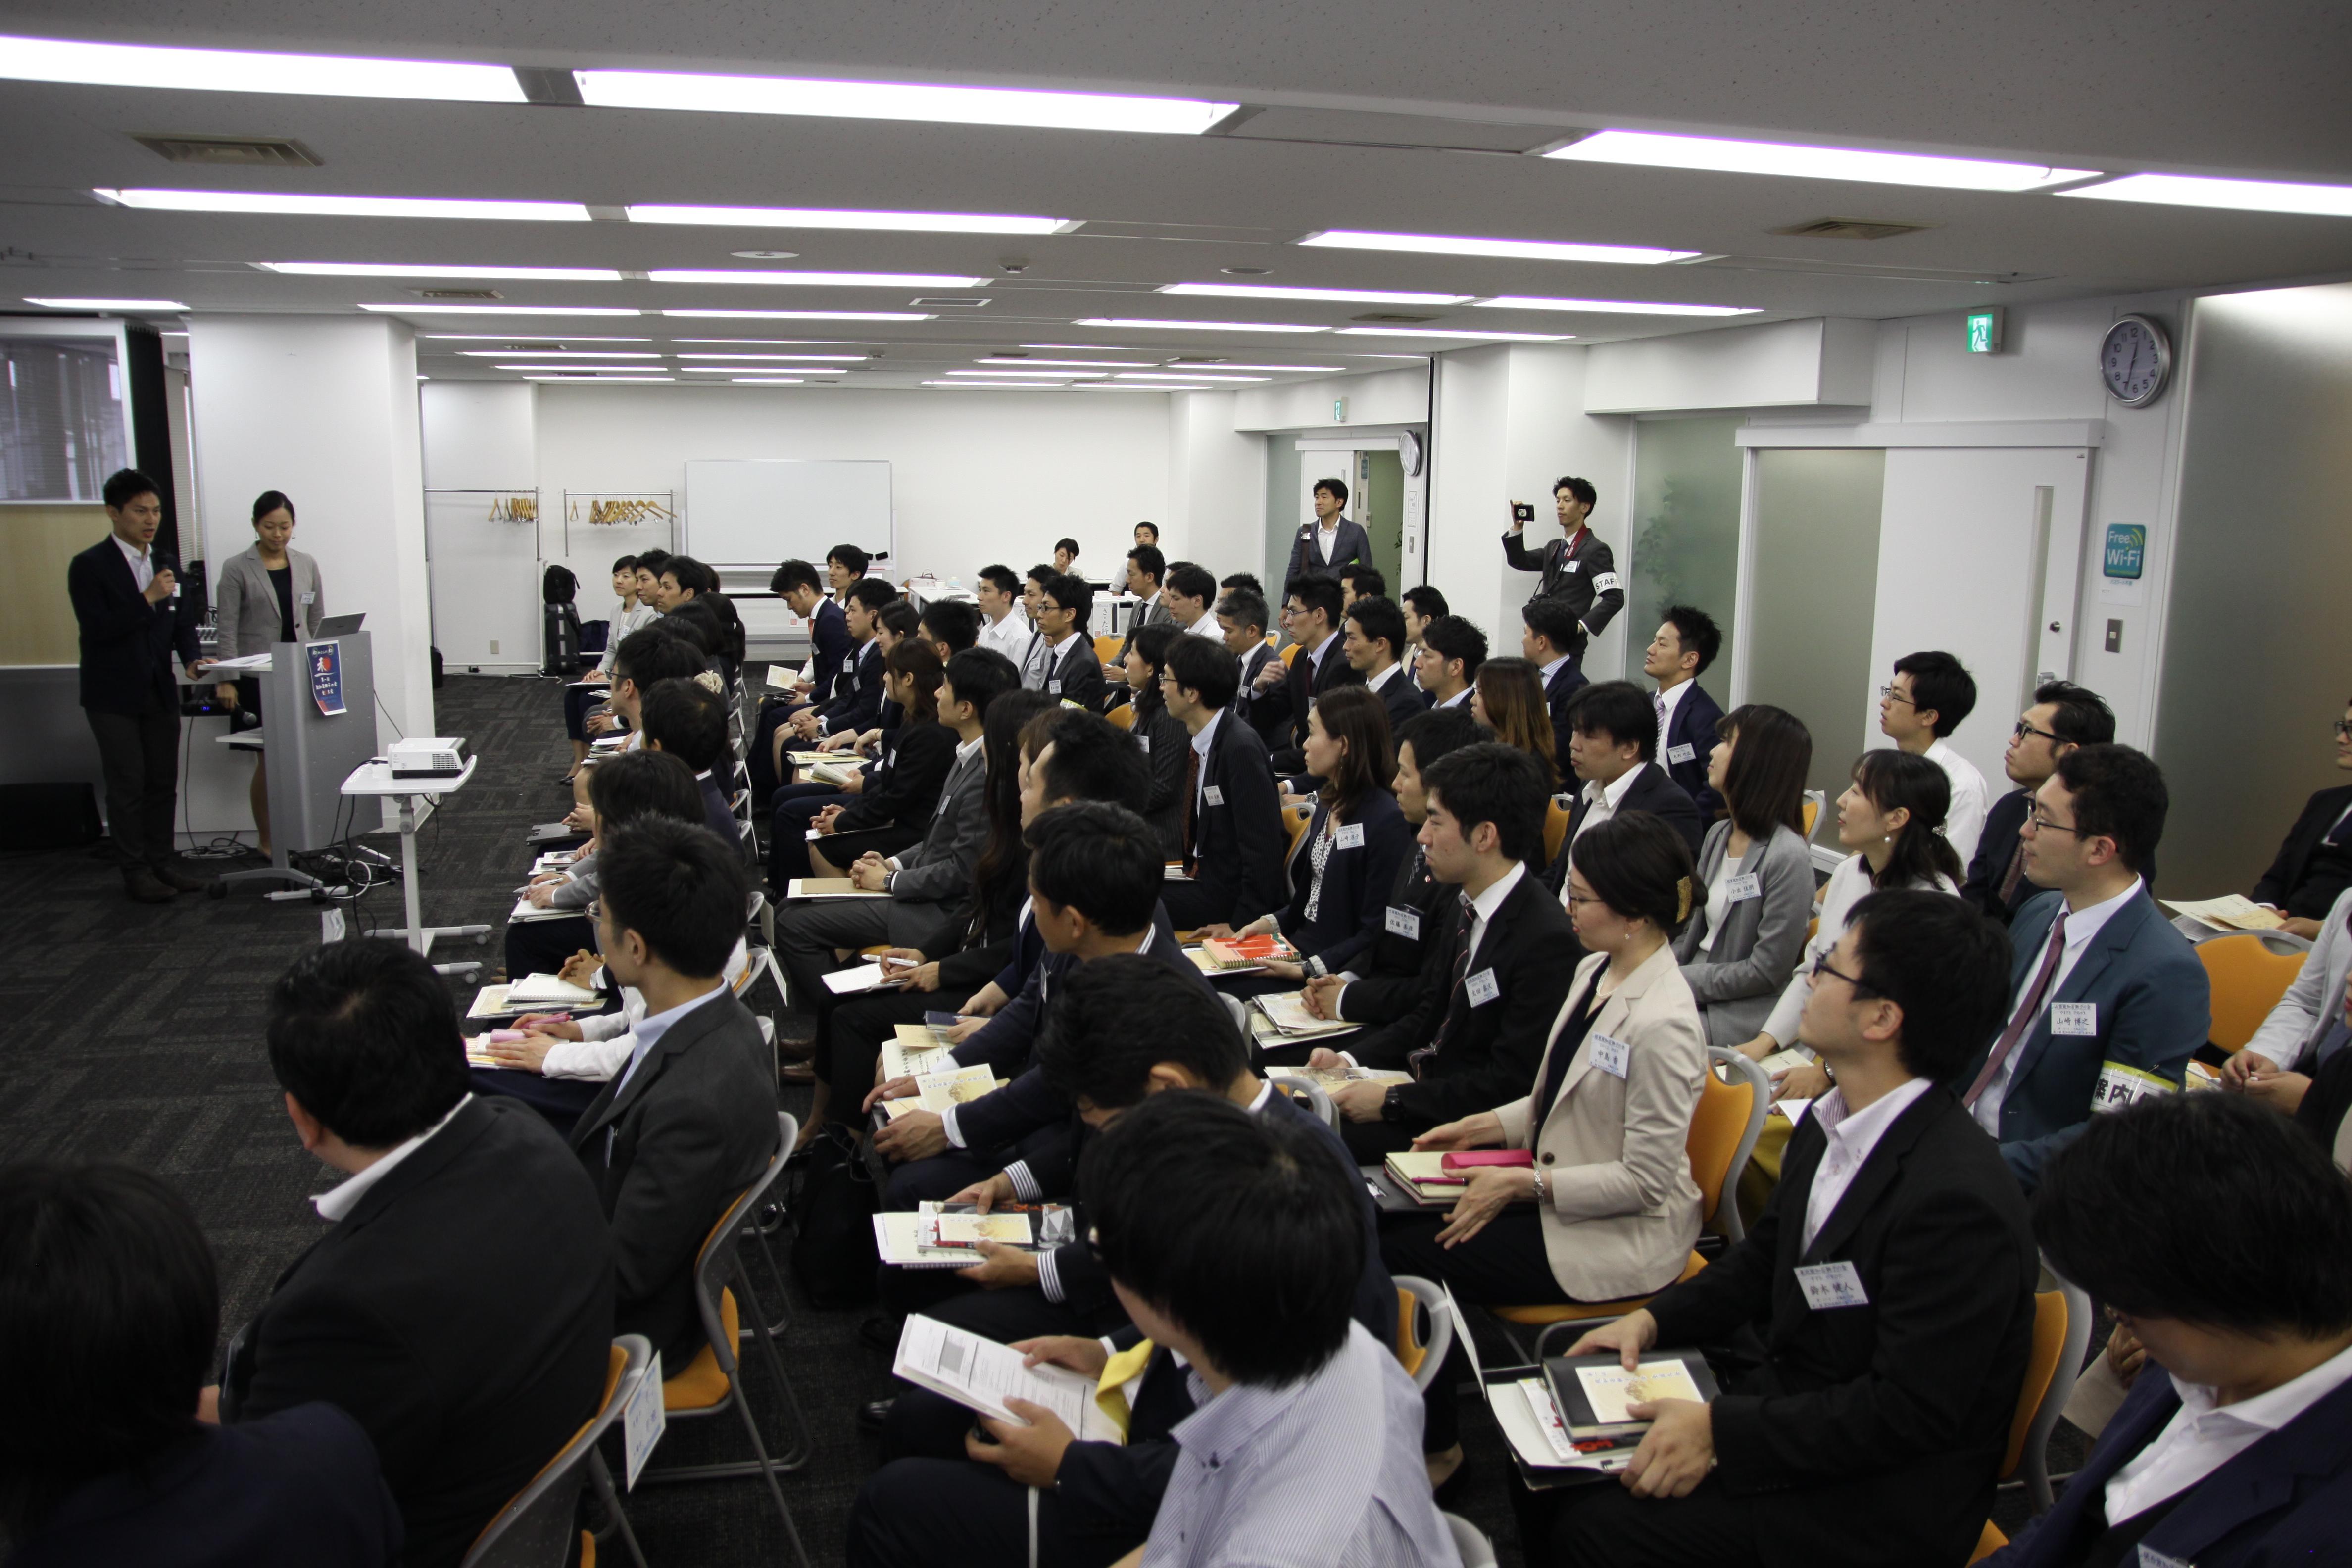 IMG 4529 - 関東若獅子の会、記念すべき第100回